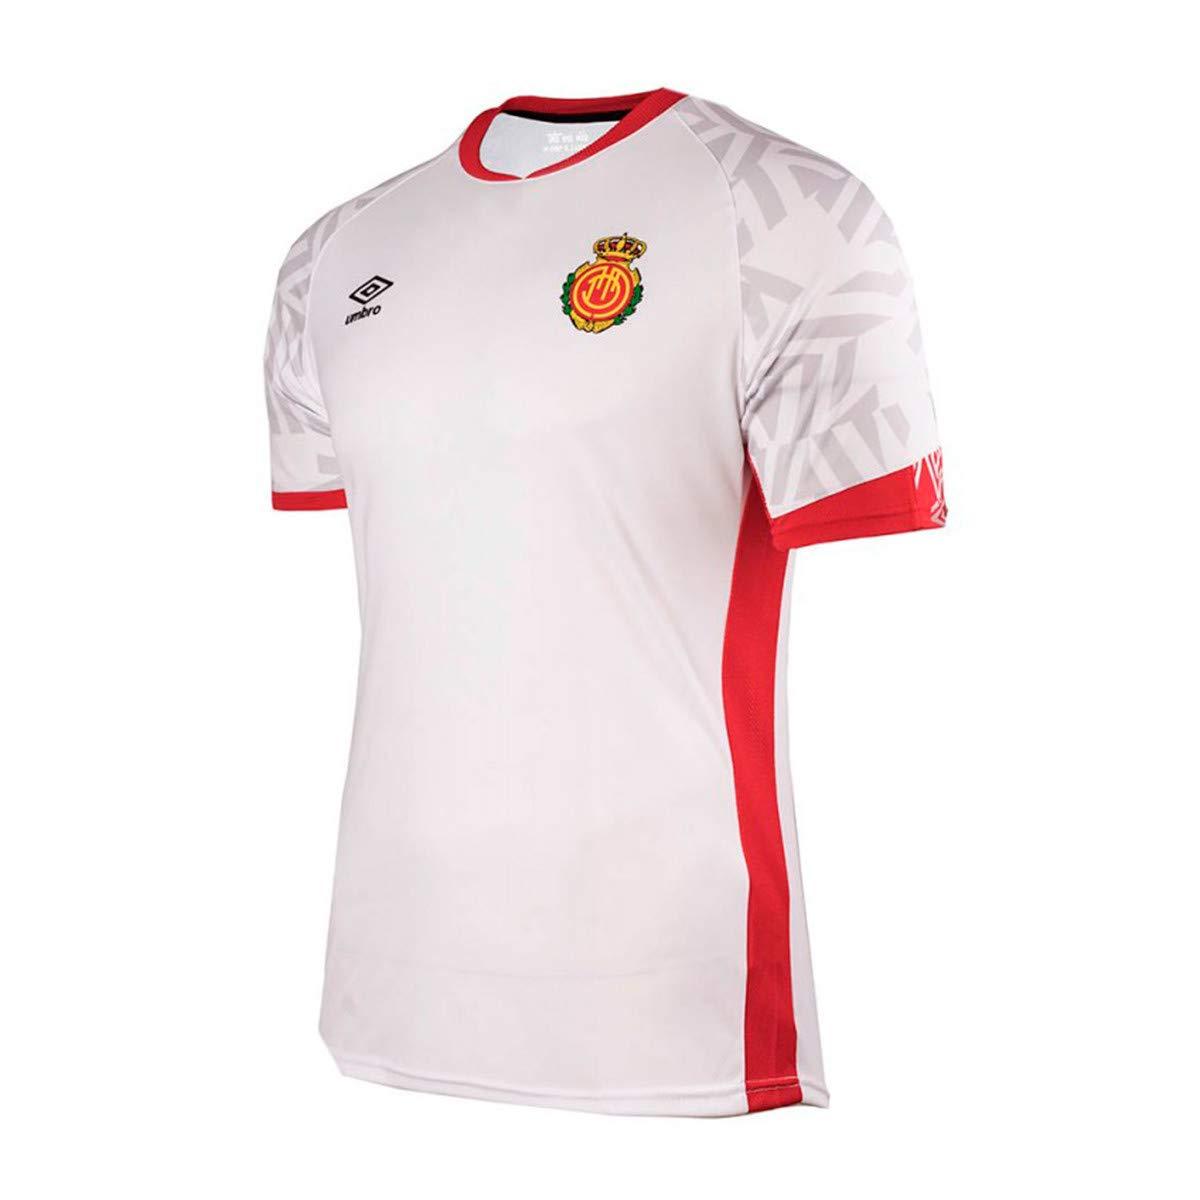 UMBRO RCD Mallorca Segunda Equipación 2019-2020, Camiseta, Blanco ...